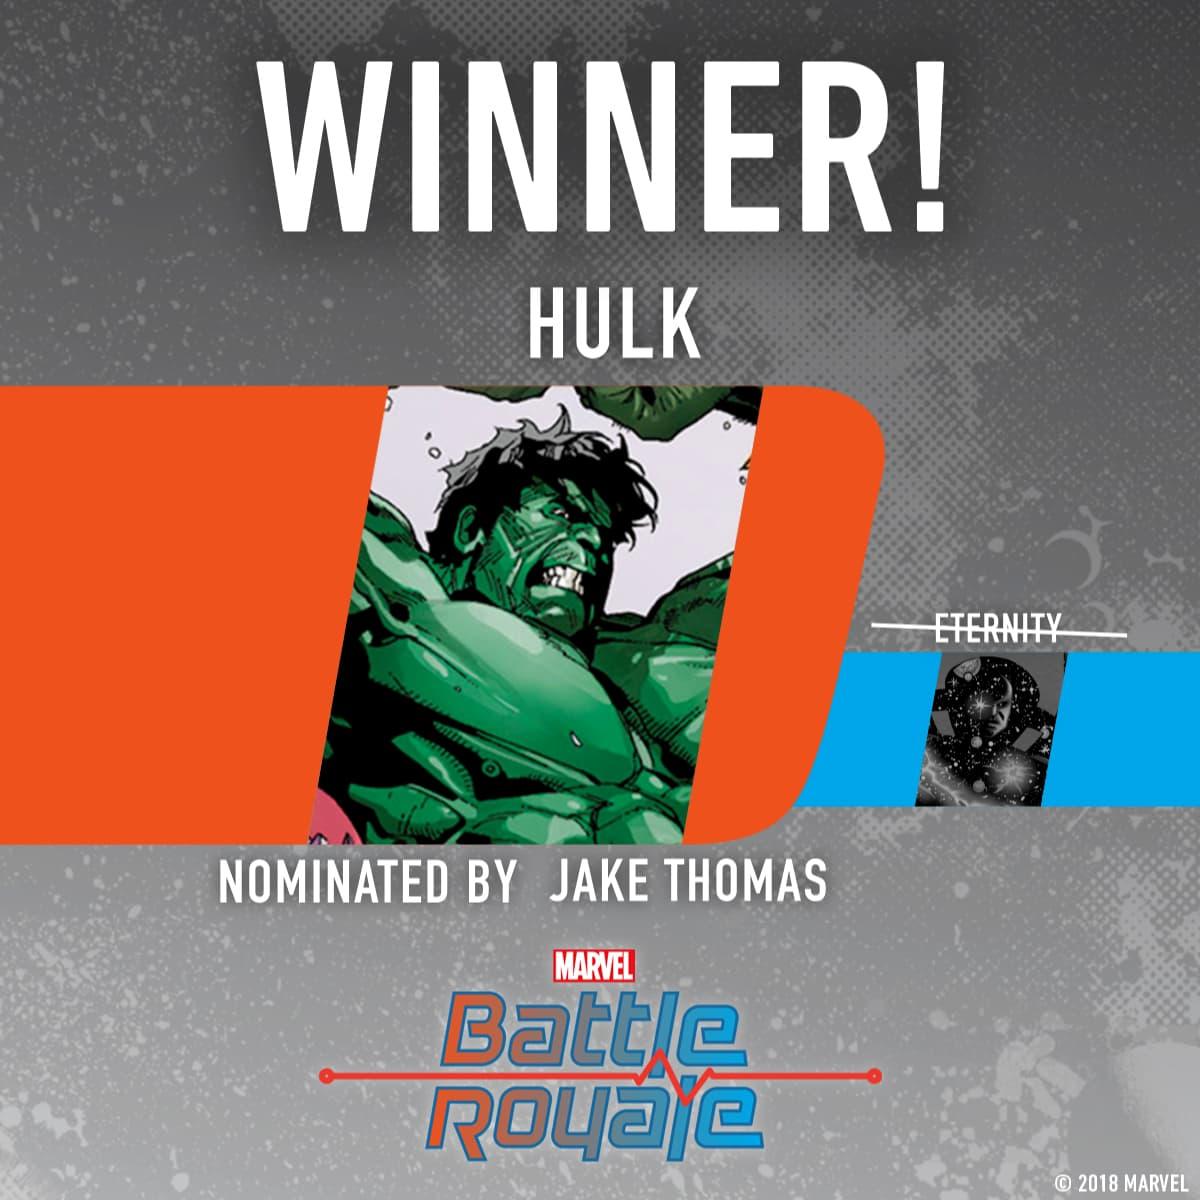 Hulk wins